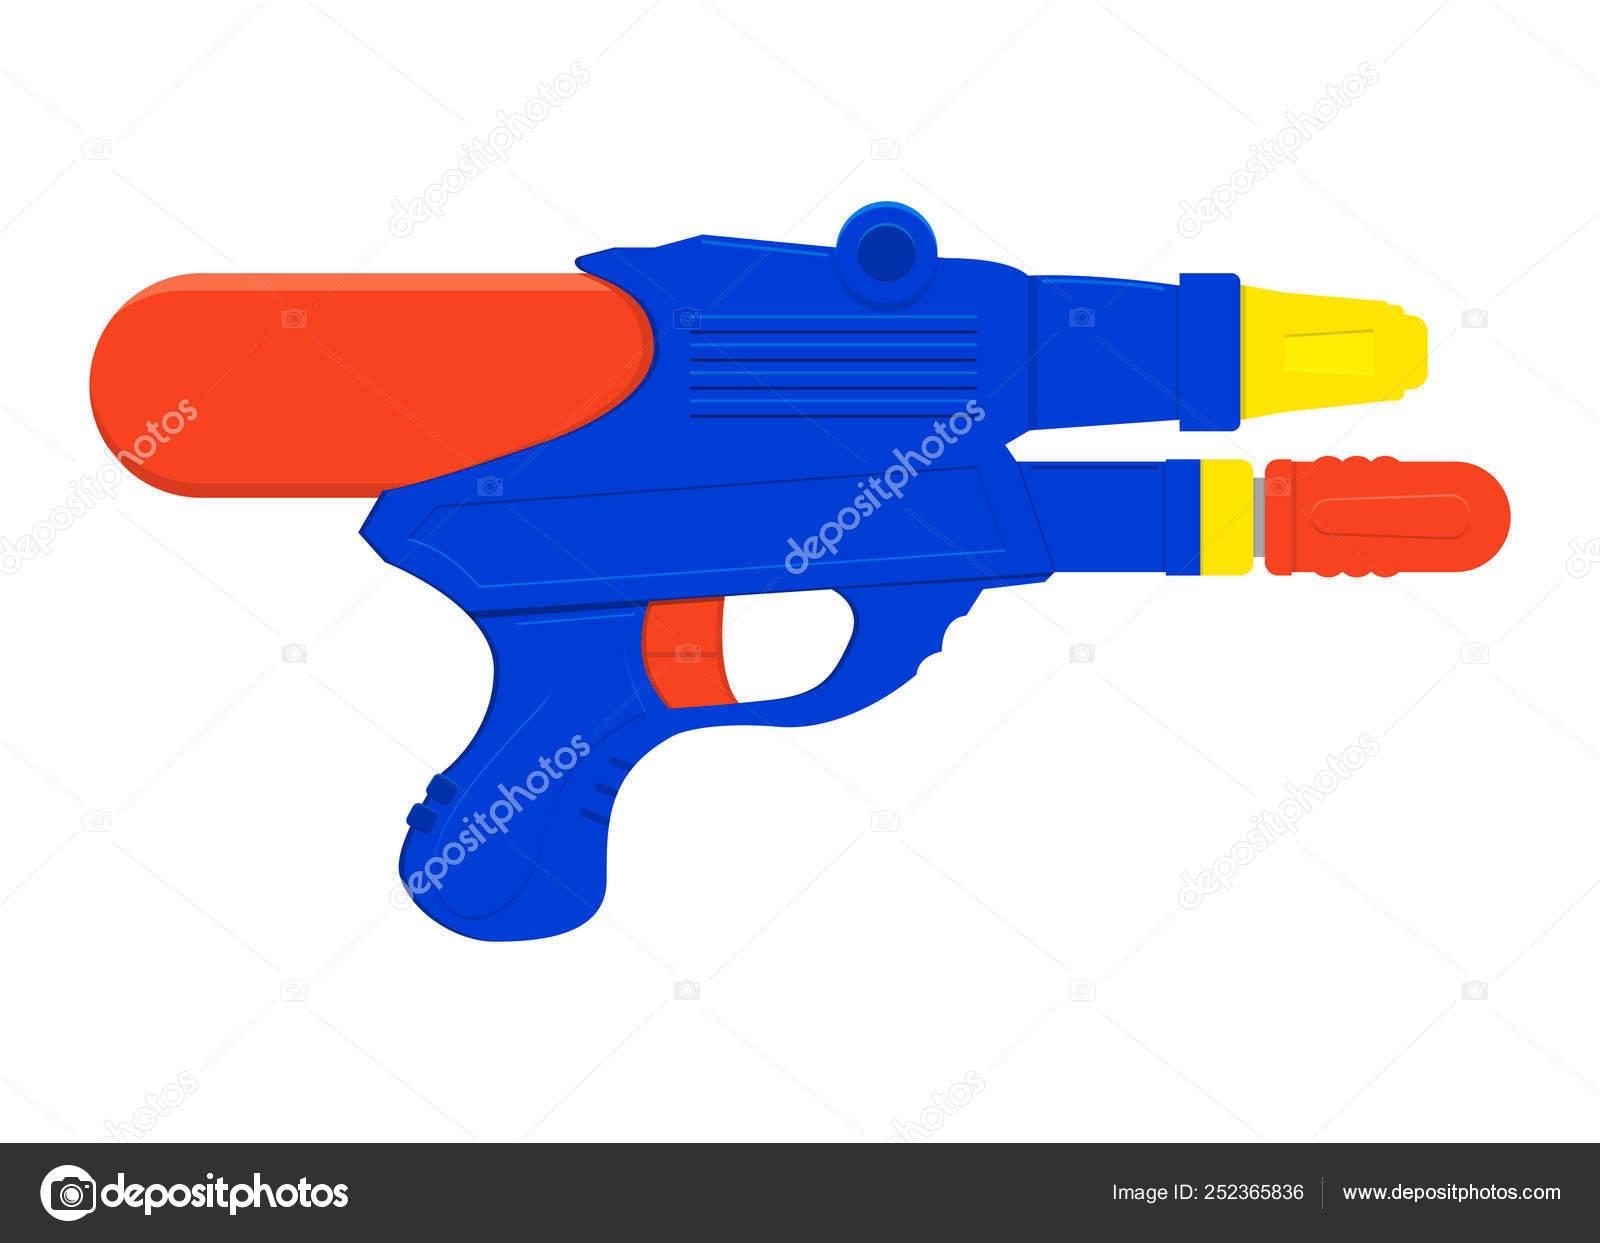 De Verano AguaJuguetes Para Pistola NiñosAgua y0wvmN8nO